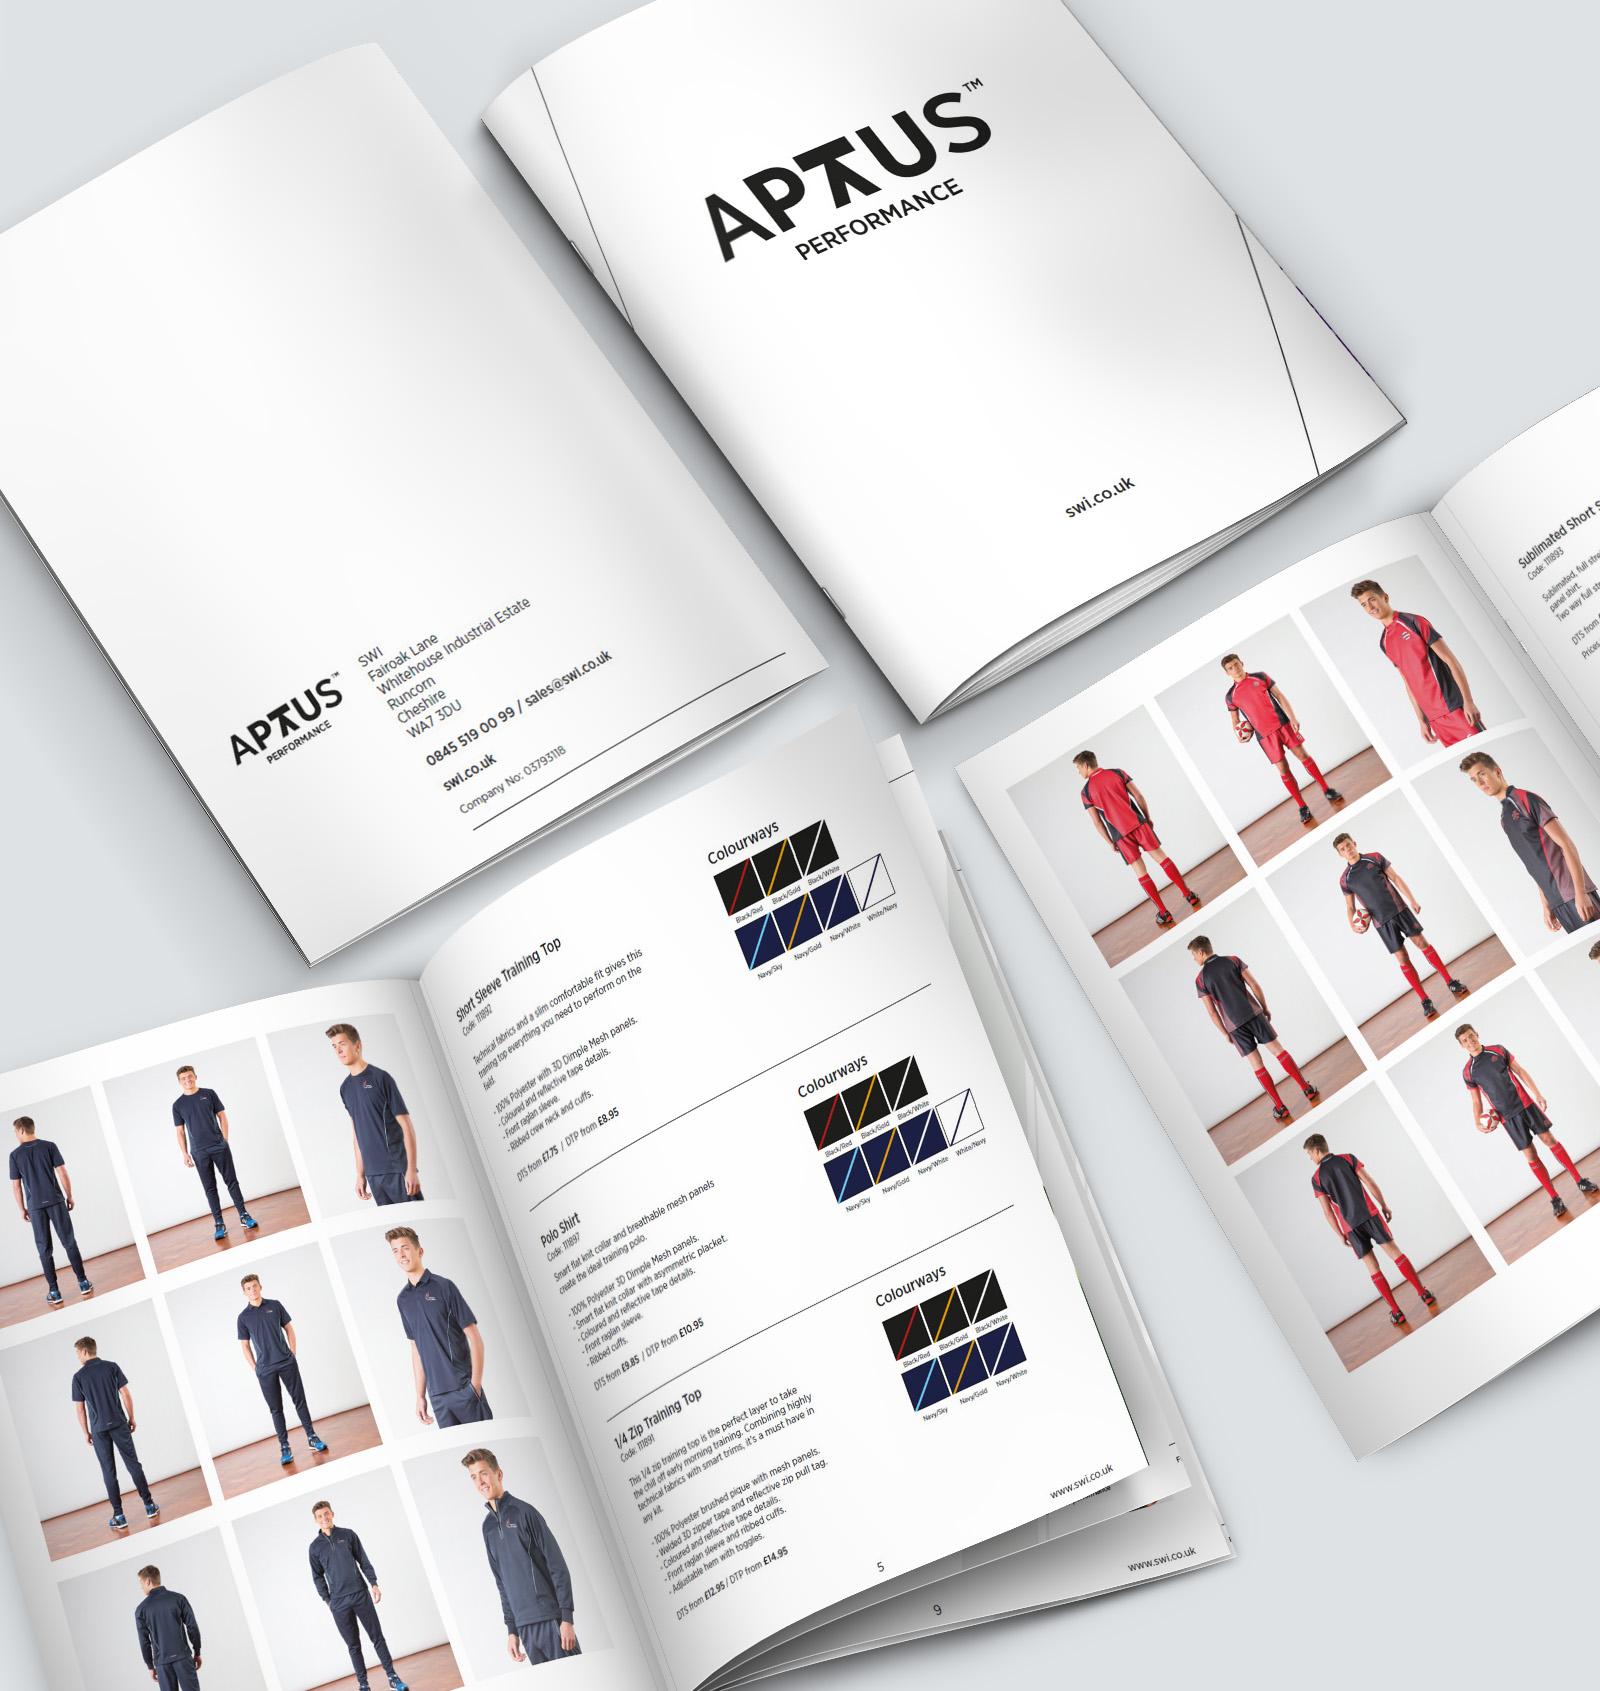 APTUS Performance Brochure 2015